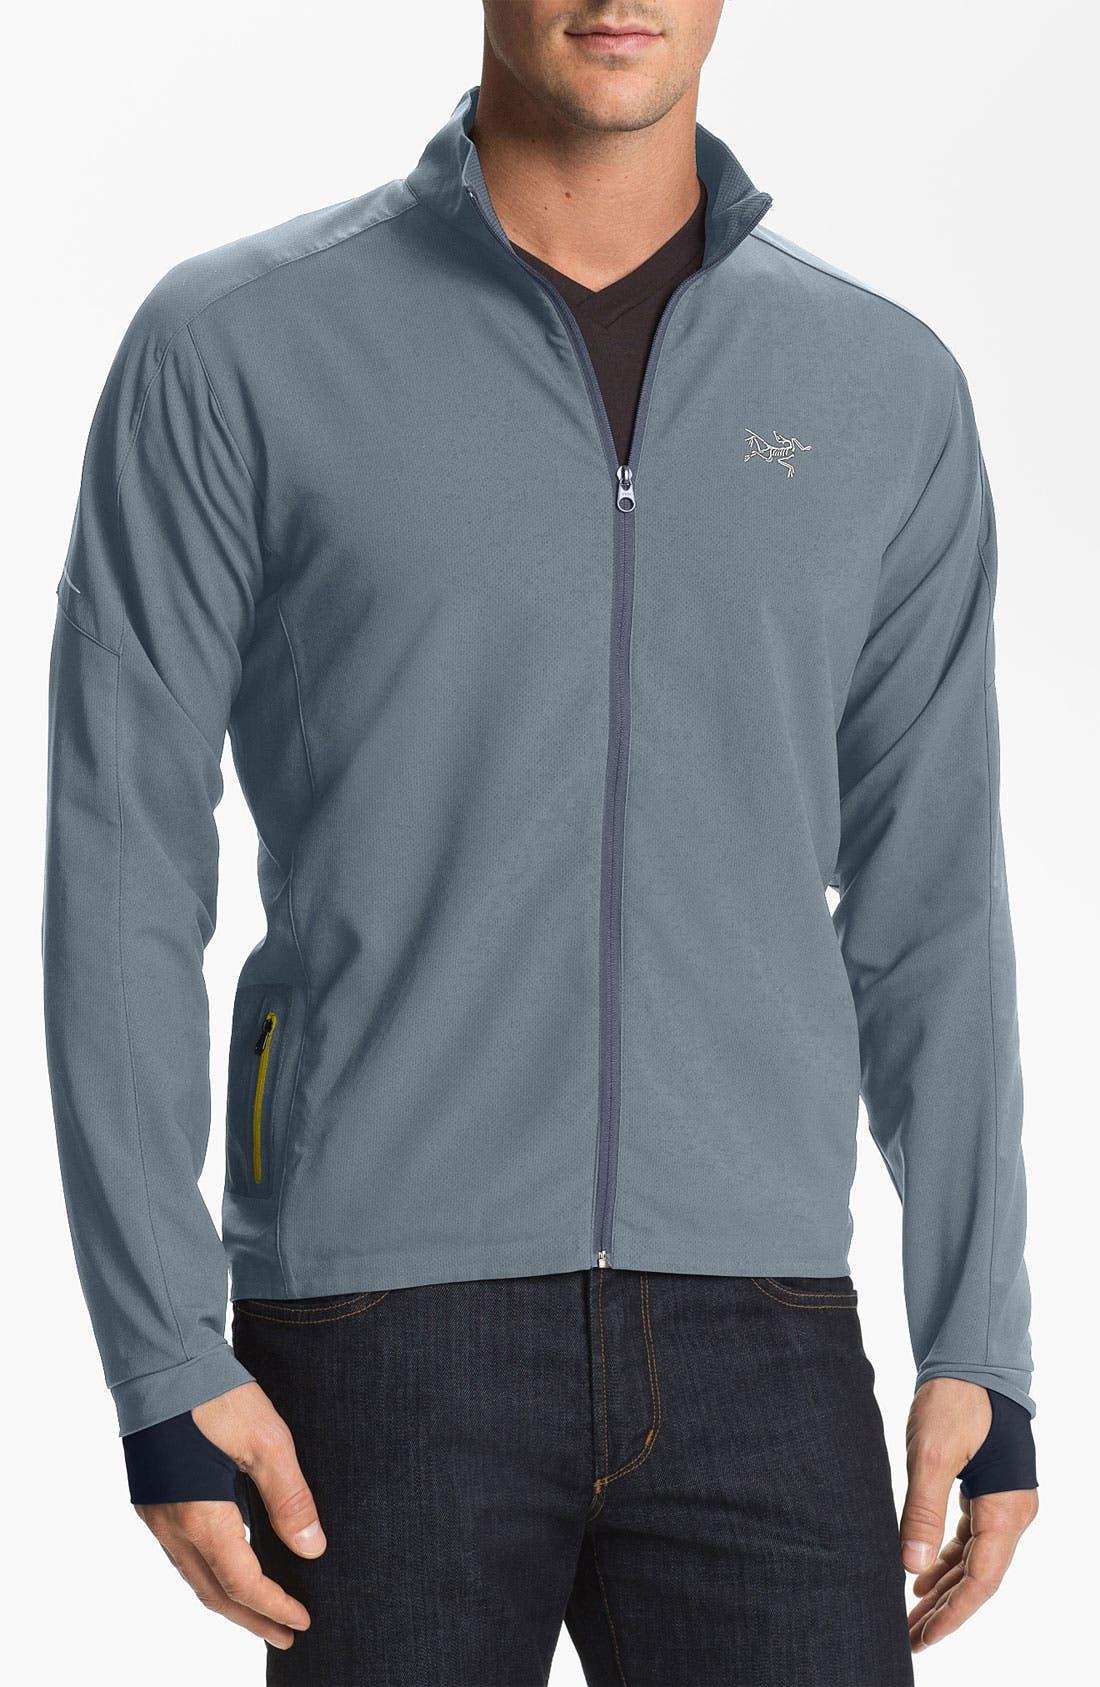 Main Image - Arc'teryx 'Accelero' Jacket